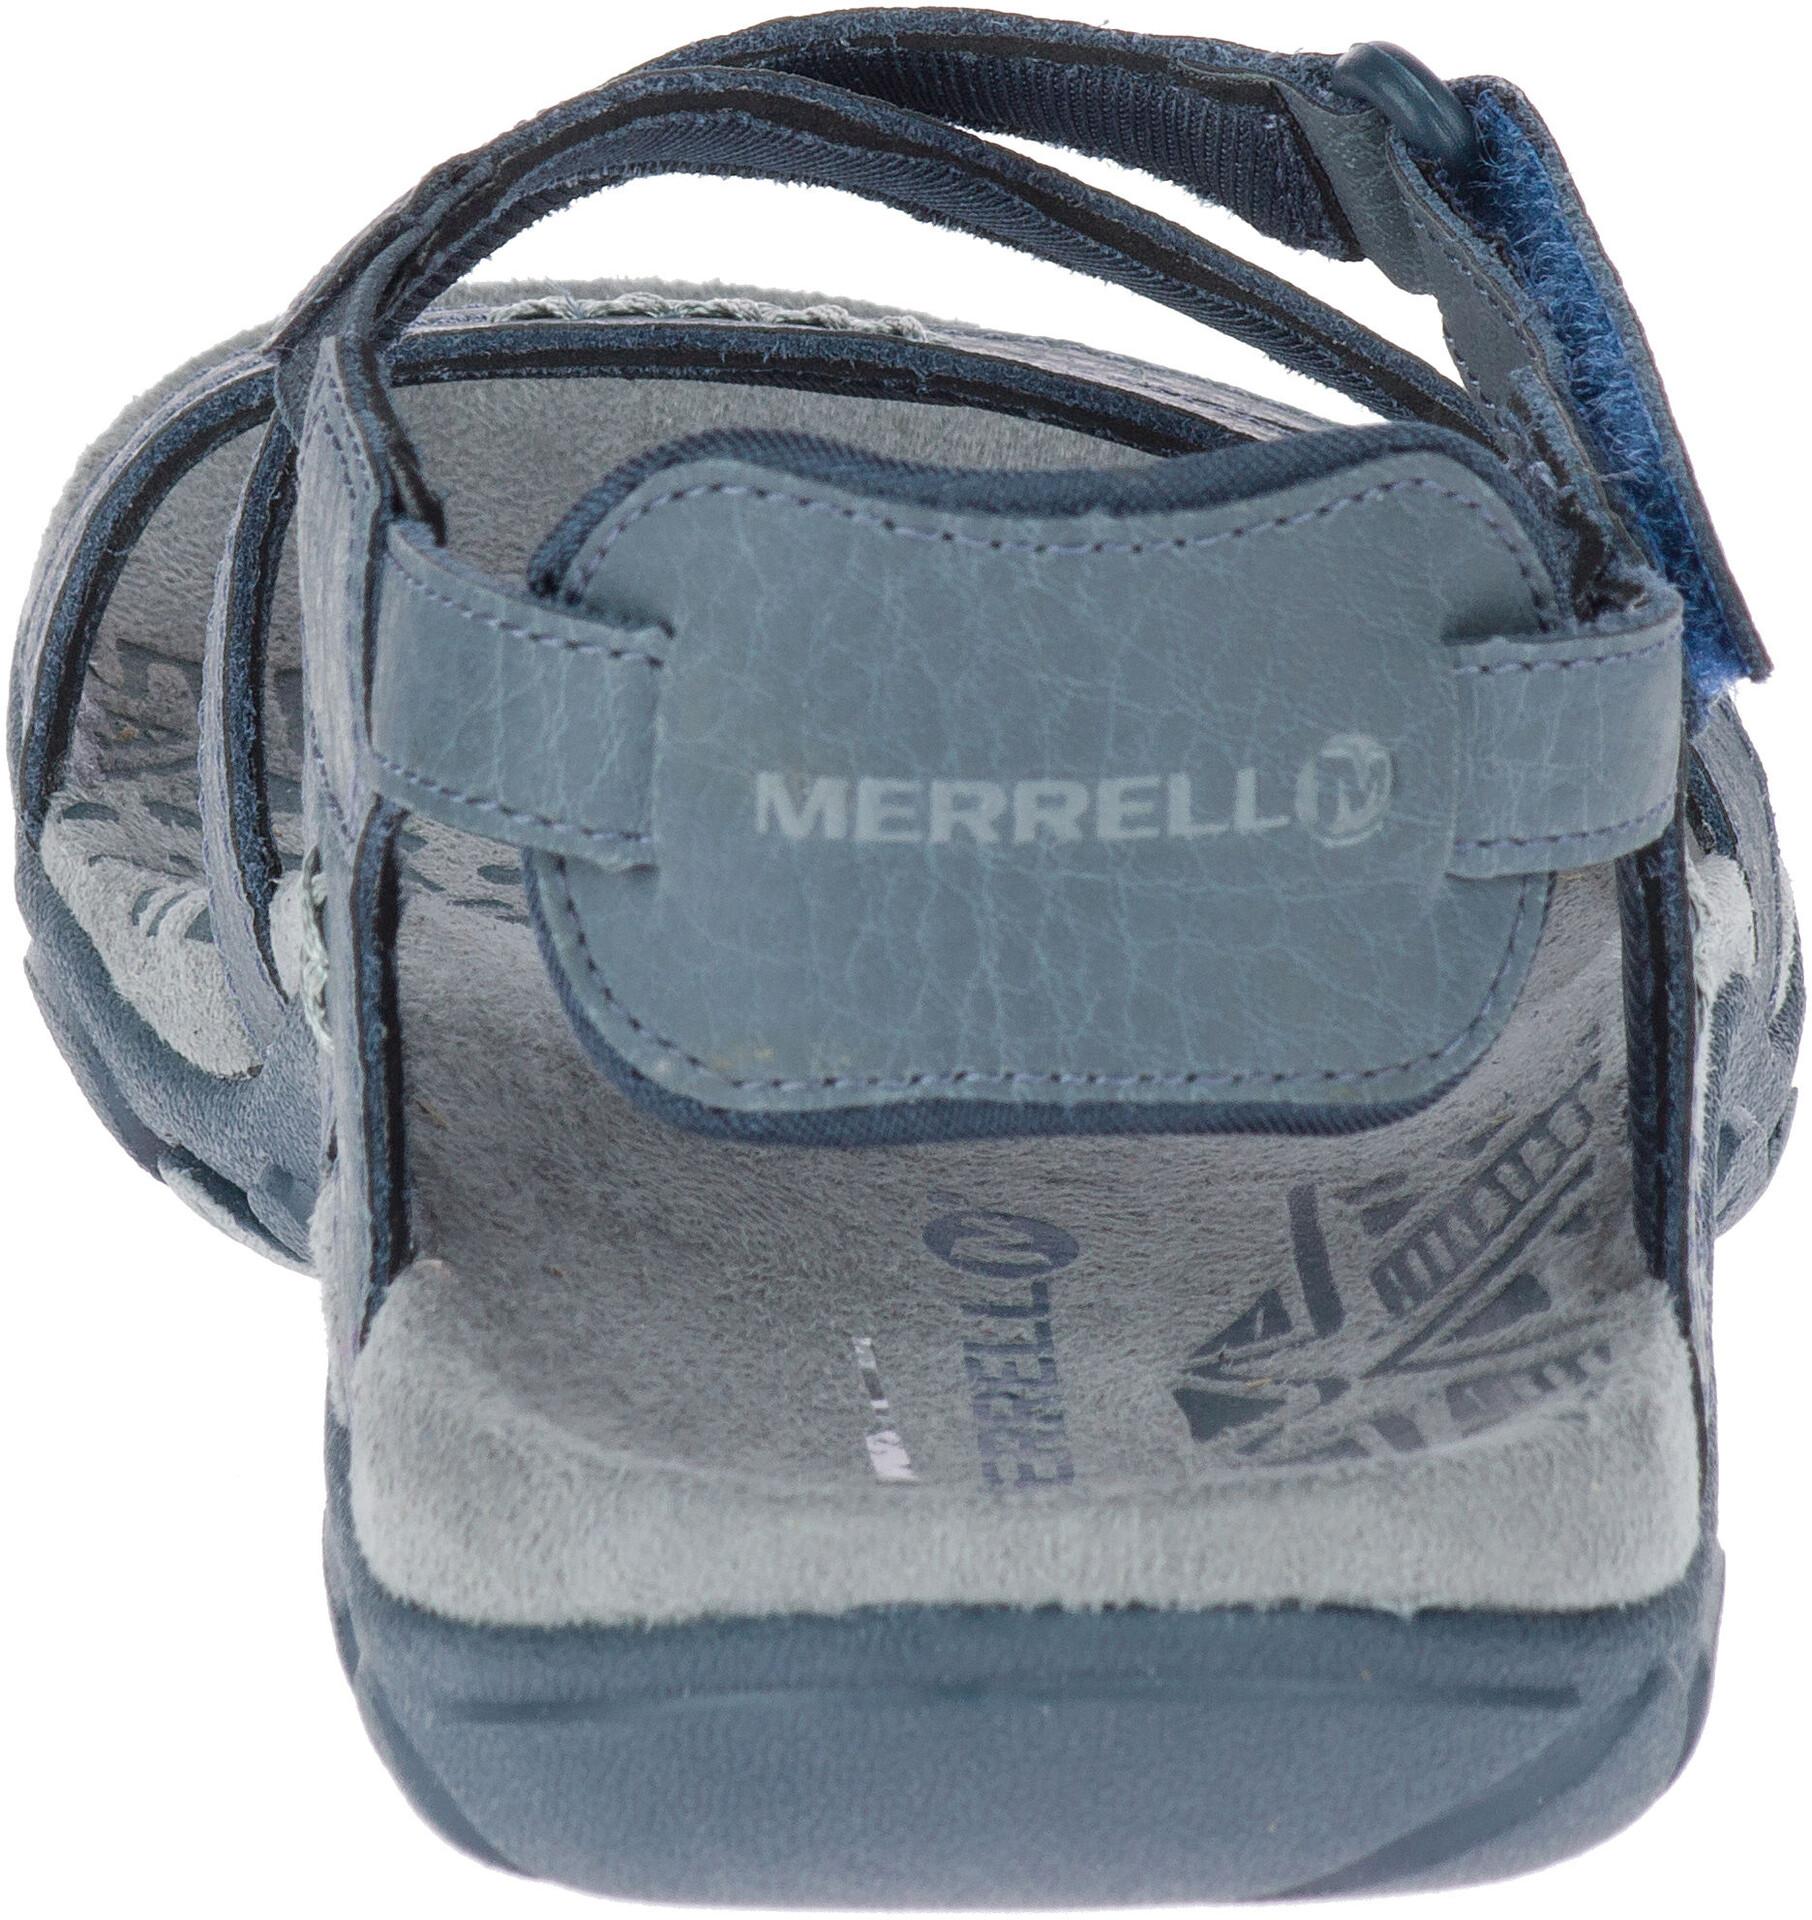 Bleu Campz Femme Sandspur Rose Sandales Sur Merrell Leather IvYgfb76y